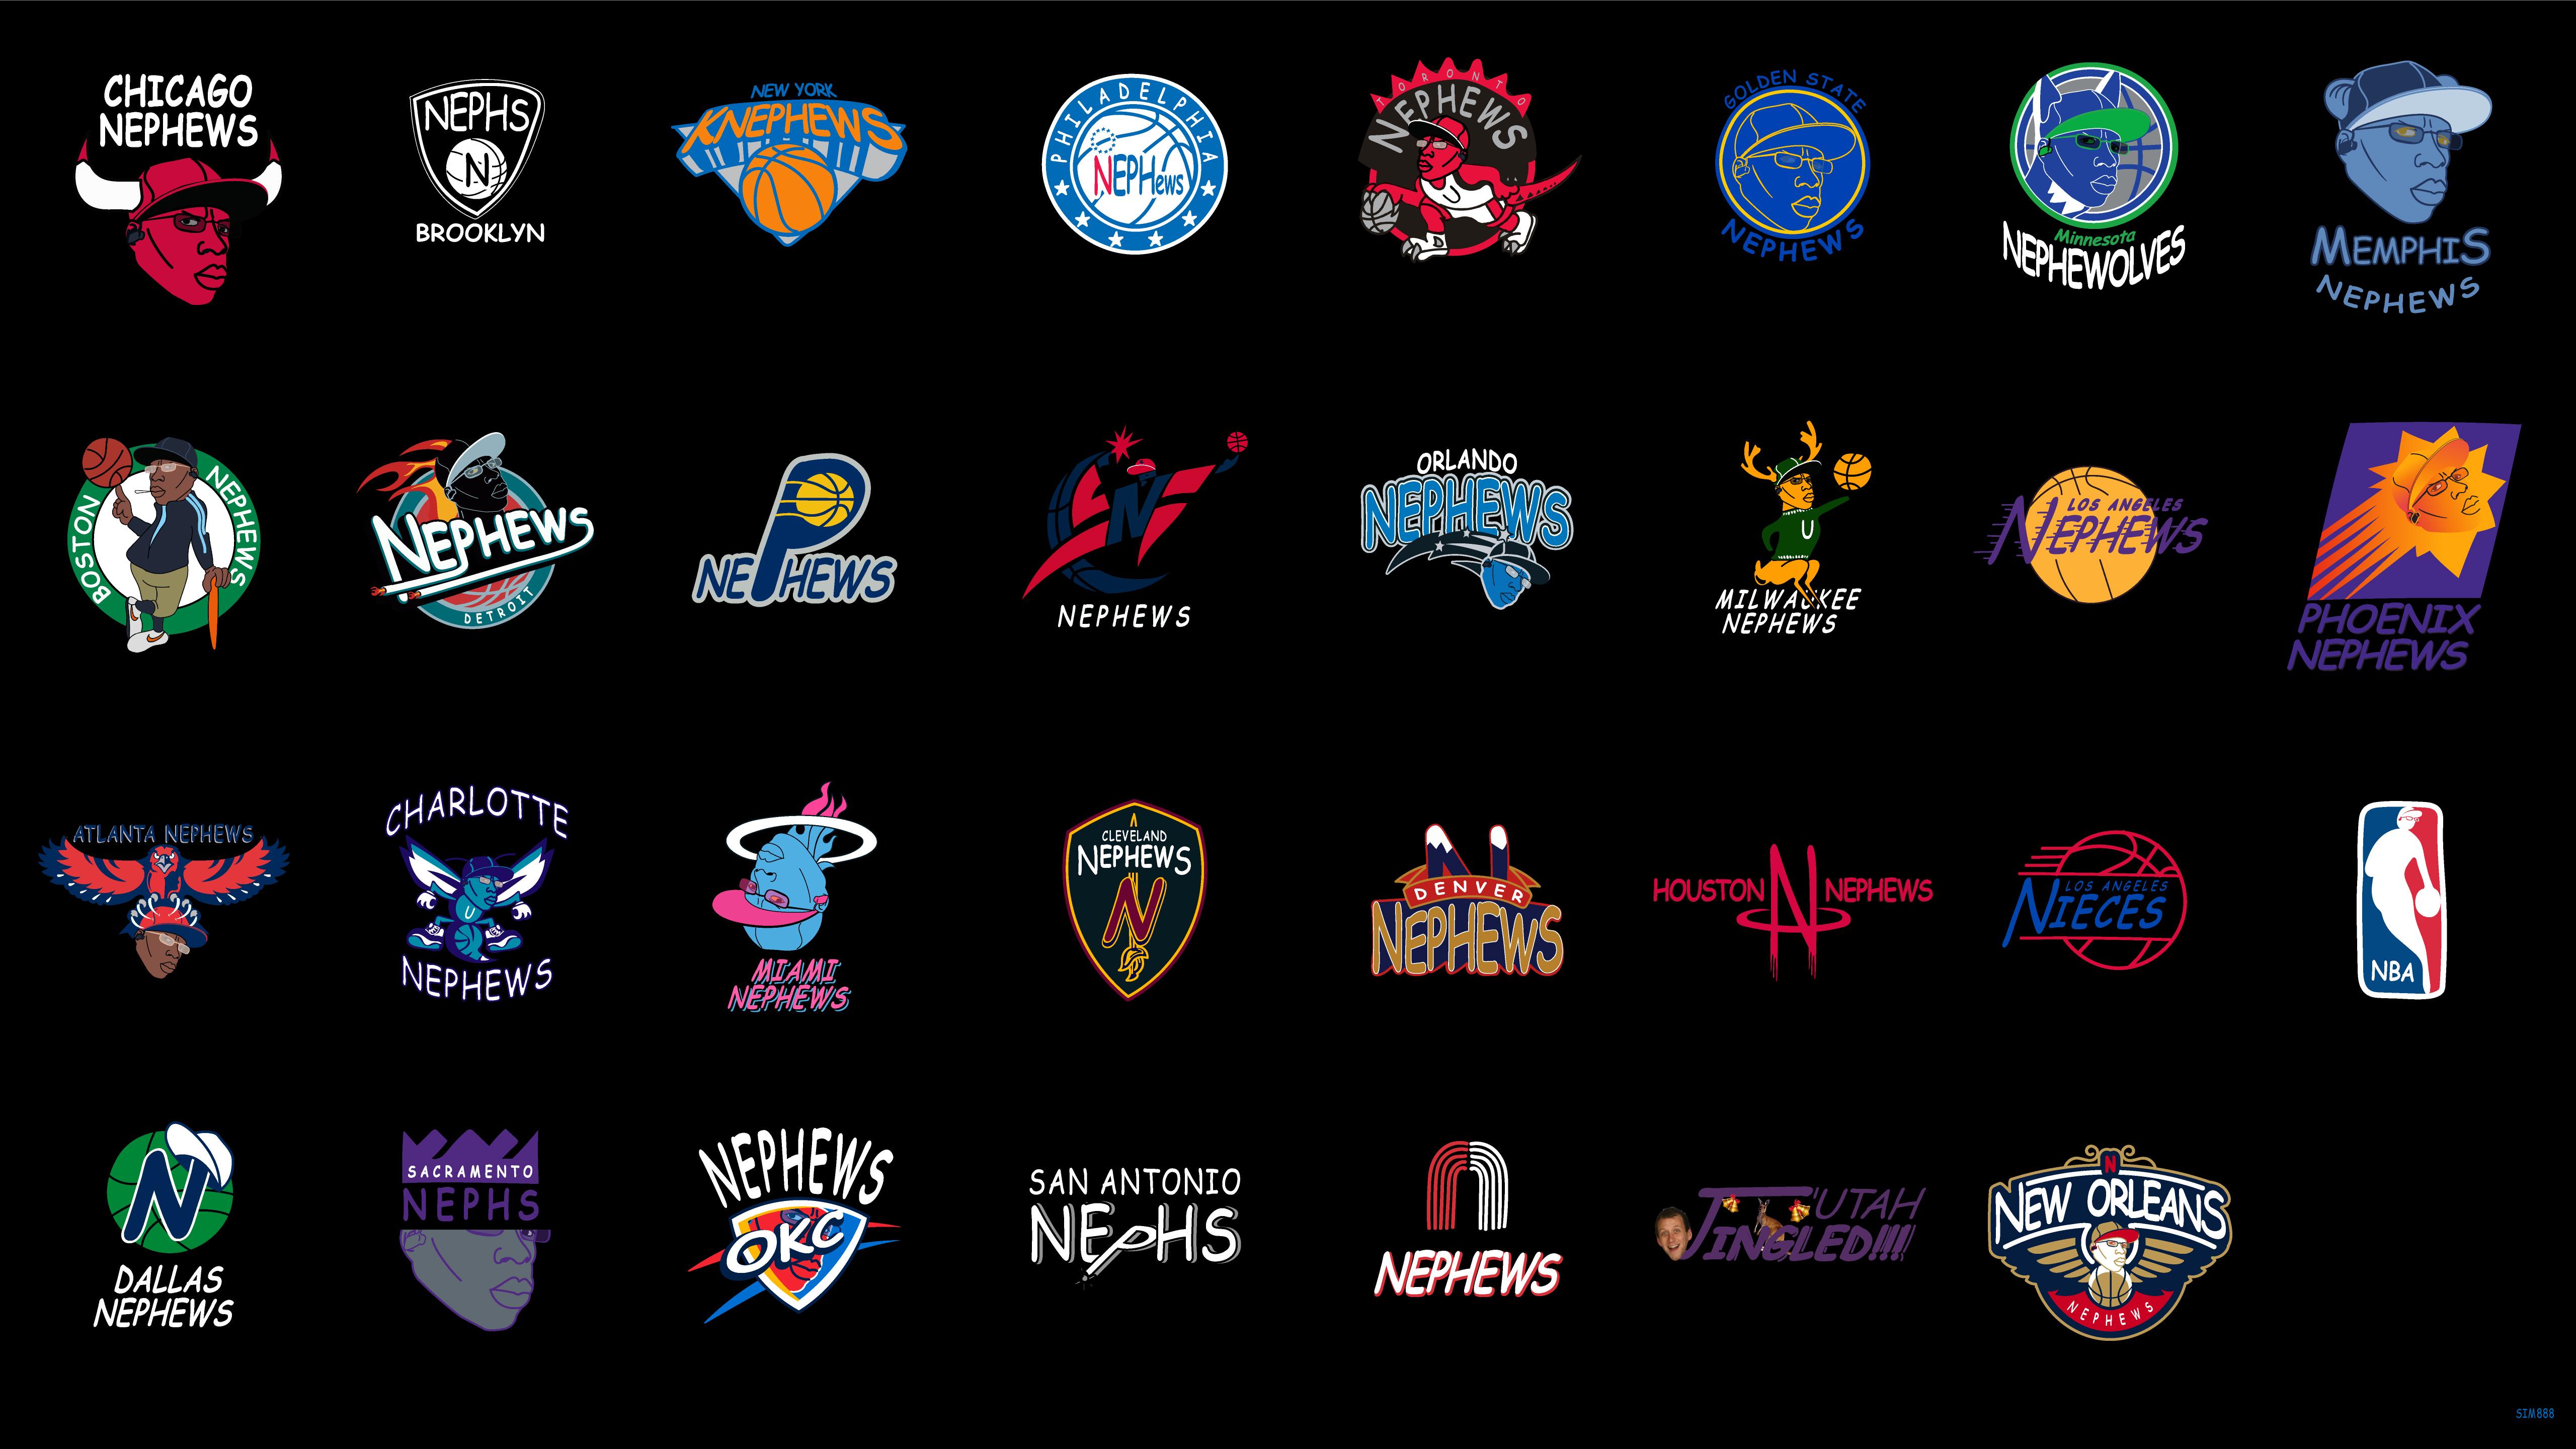 有才!美国网友重新设计NBA30支球队队标